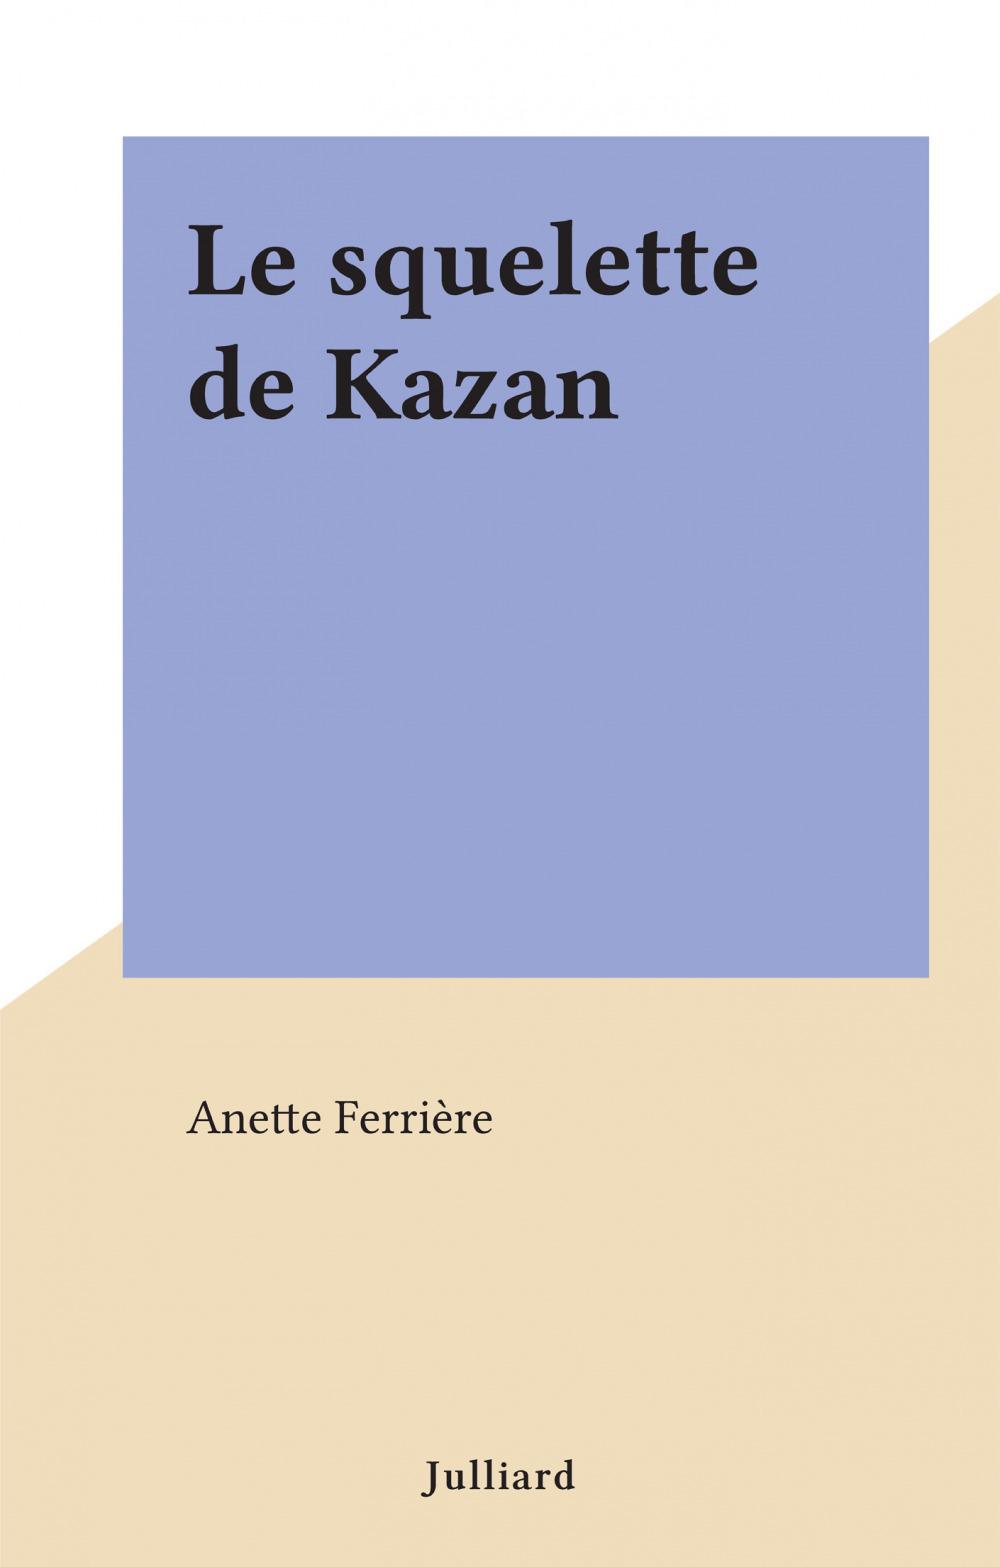 Le squelette de Kazan  - Anette Ferrière